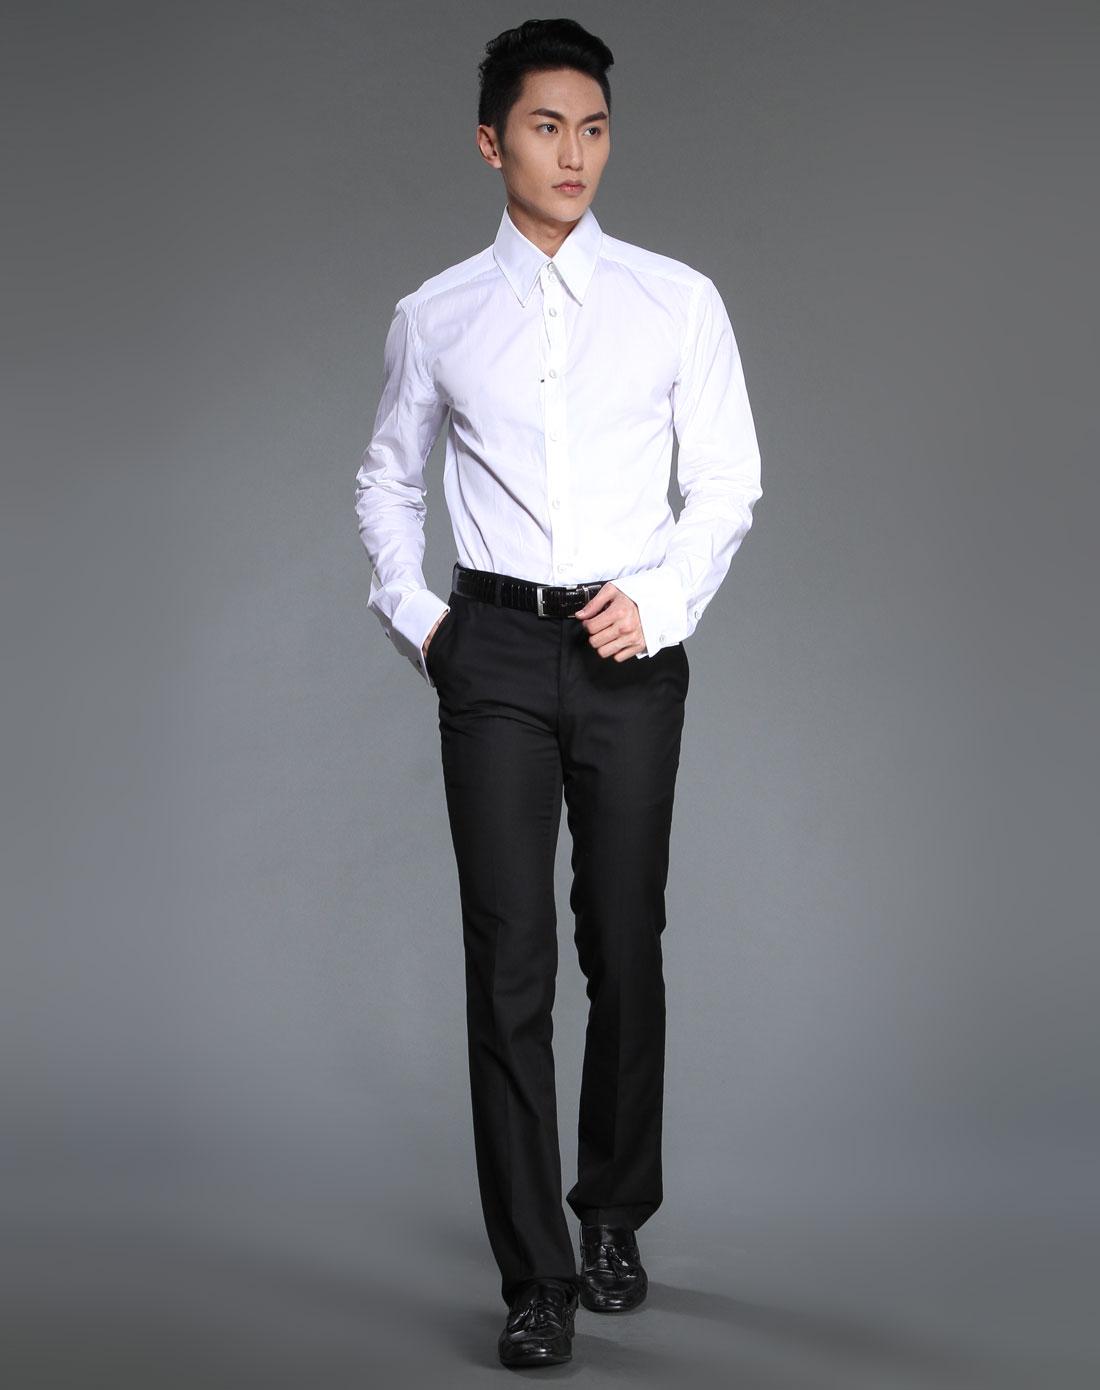 男士正装衬衣图片_正装男衬衫的尺寸表-男士正装衬衫尺码如何选?